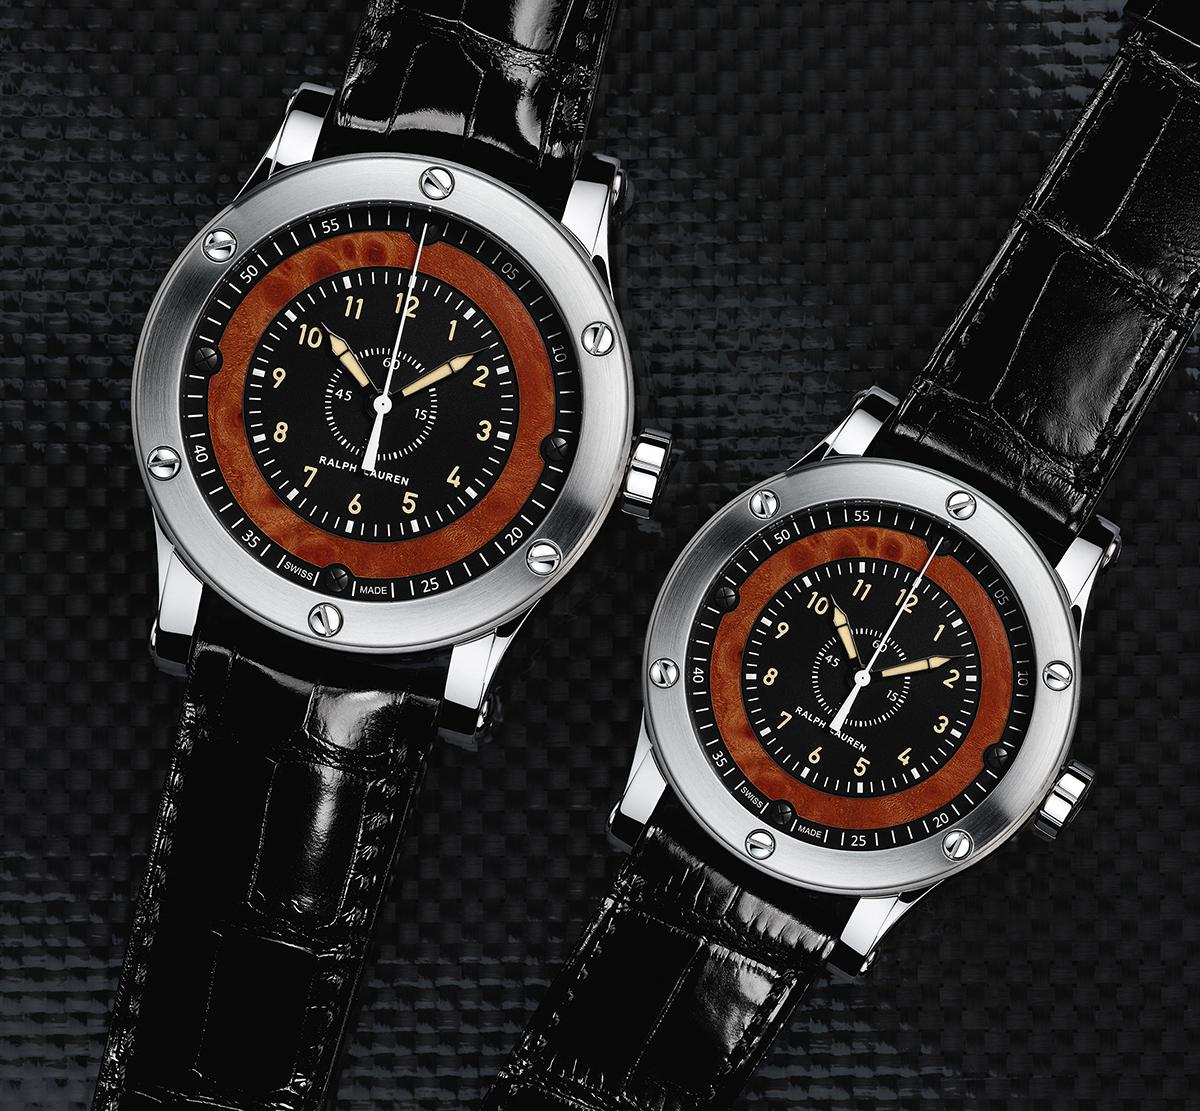 The two Ralph Lauren Automotive Chronometers